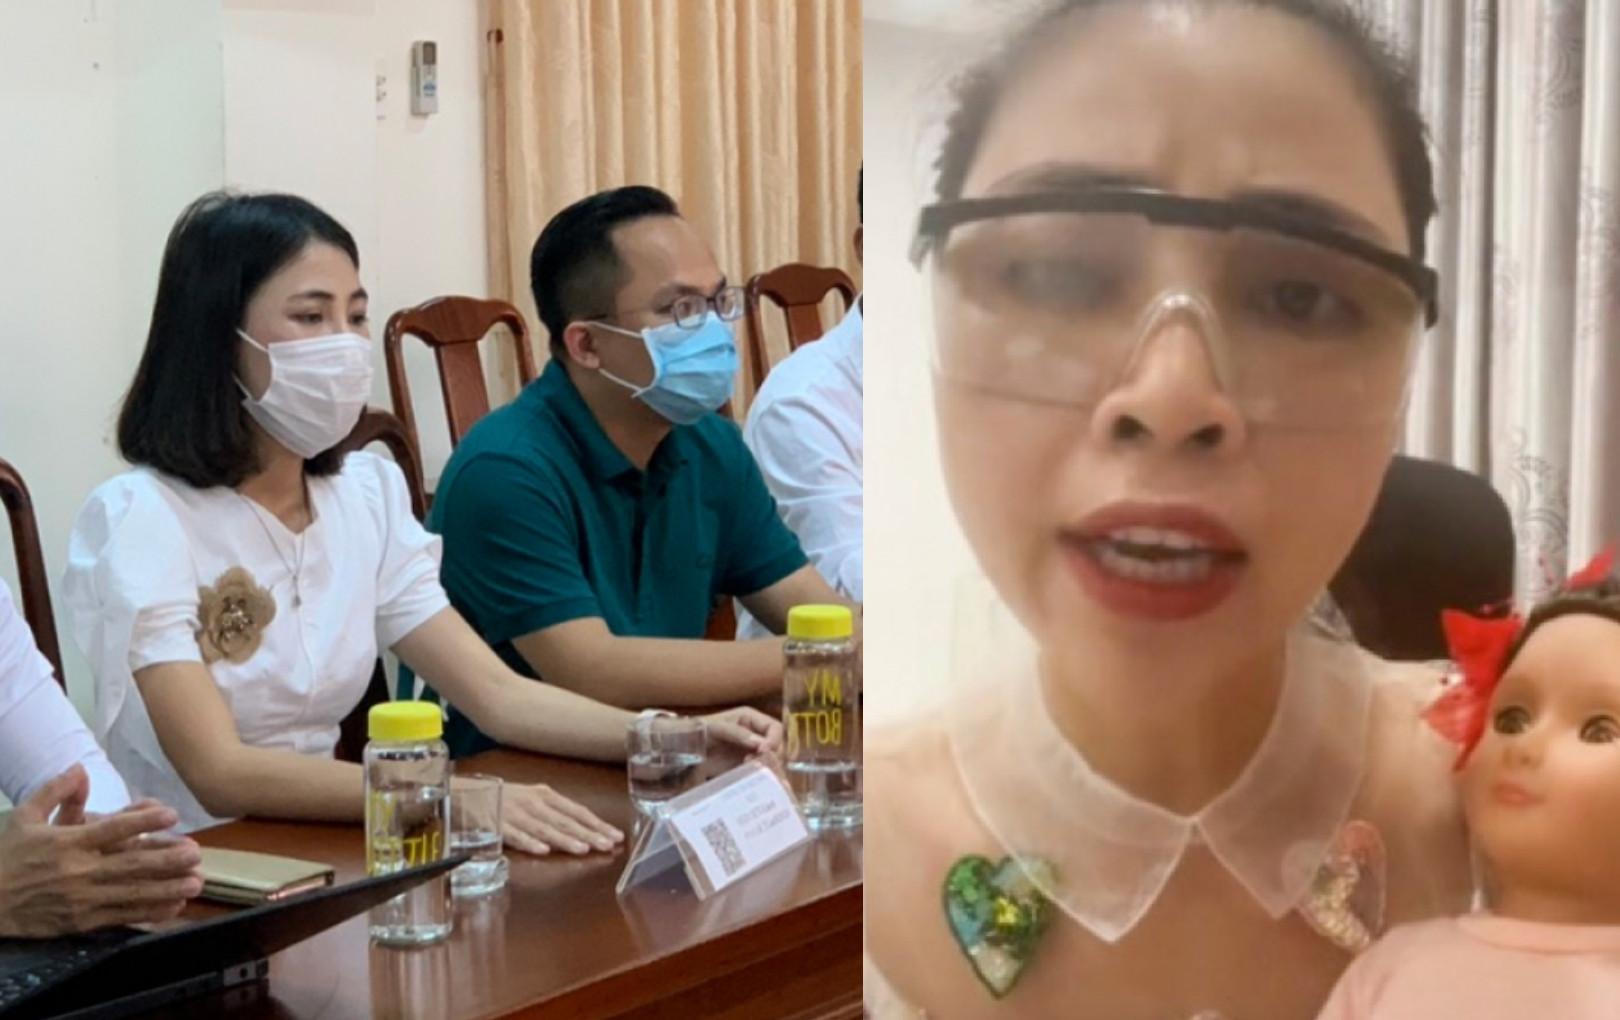 YouTuber Thơ Nguyễn bị xử phạt 7,5 triệu đồng, sau lùm nói chuyện, cho búp bê uống Coca để xin vía học giỏi